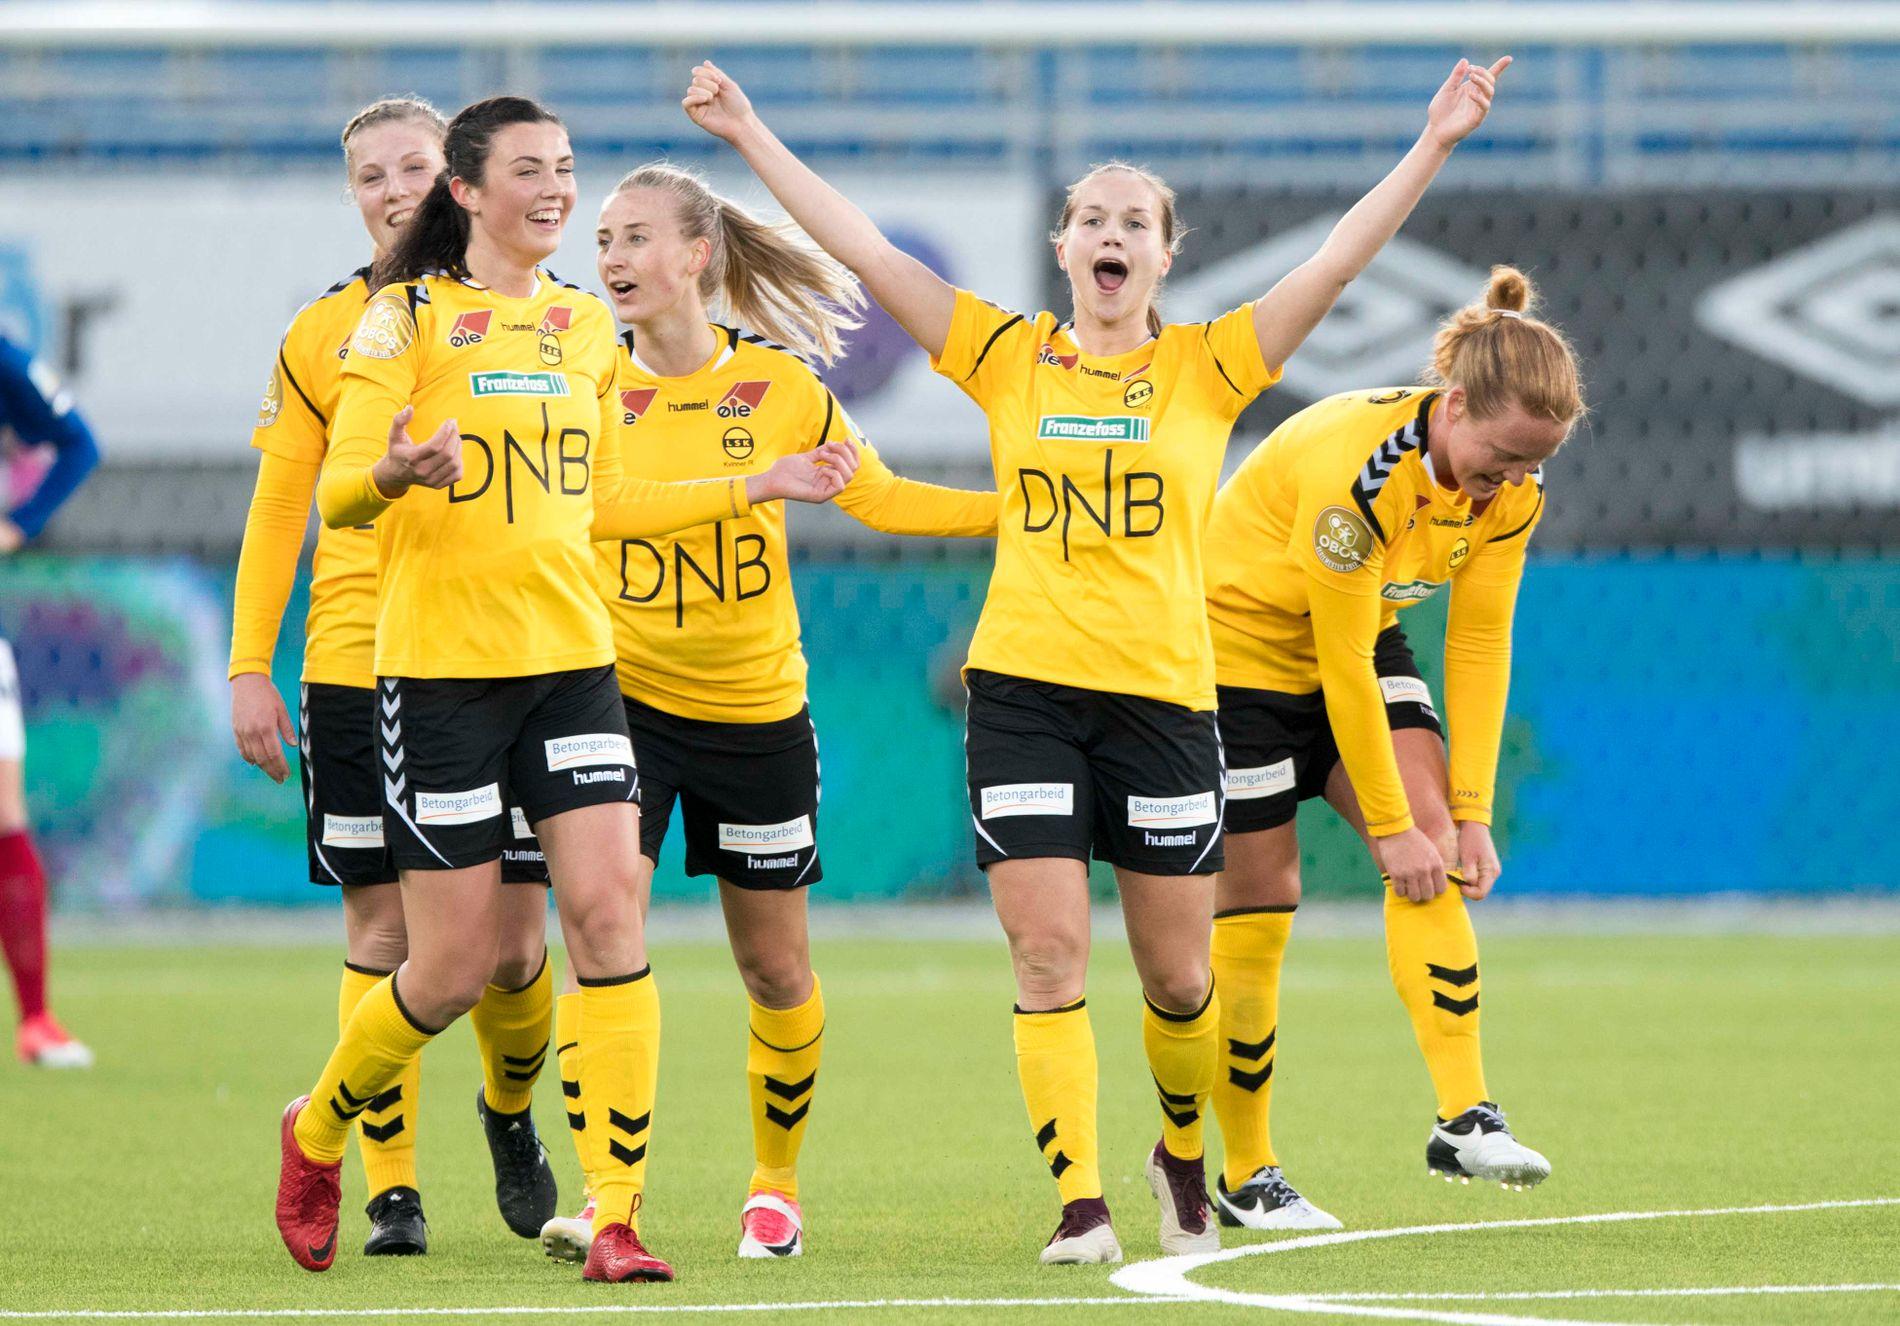 JUBEL: LSK Kvinner slo Kolbotn og kan juble for fem strake triumfer i Toppserien. Guro Reiten med armene til værs scoret et mål på straffe. Her jubler de mot Vålerenga i serieåpningen.